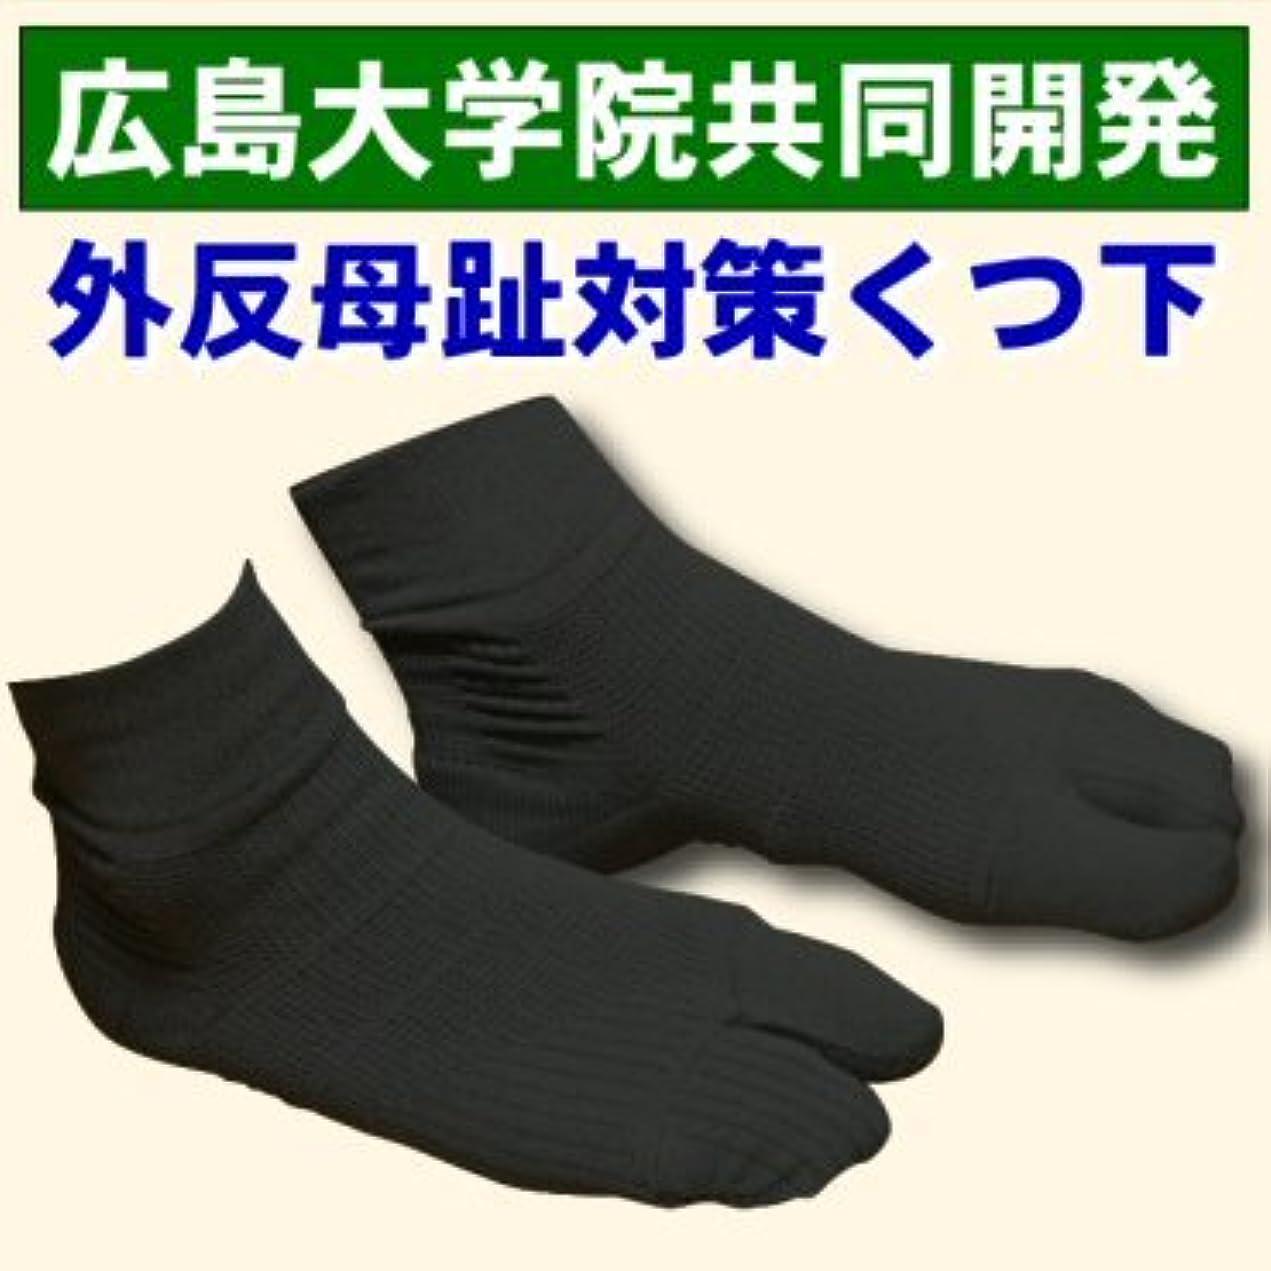 物理的に乳膨らみ外反母趾対策靴下(24-25cm?ブラック)【日本製】